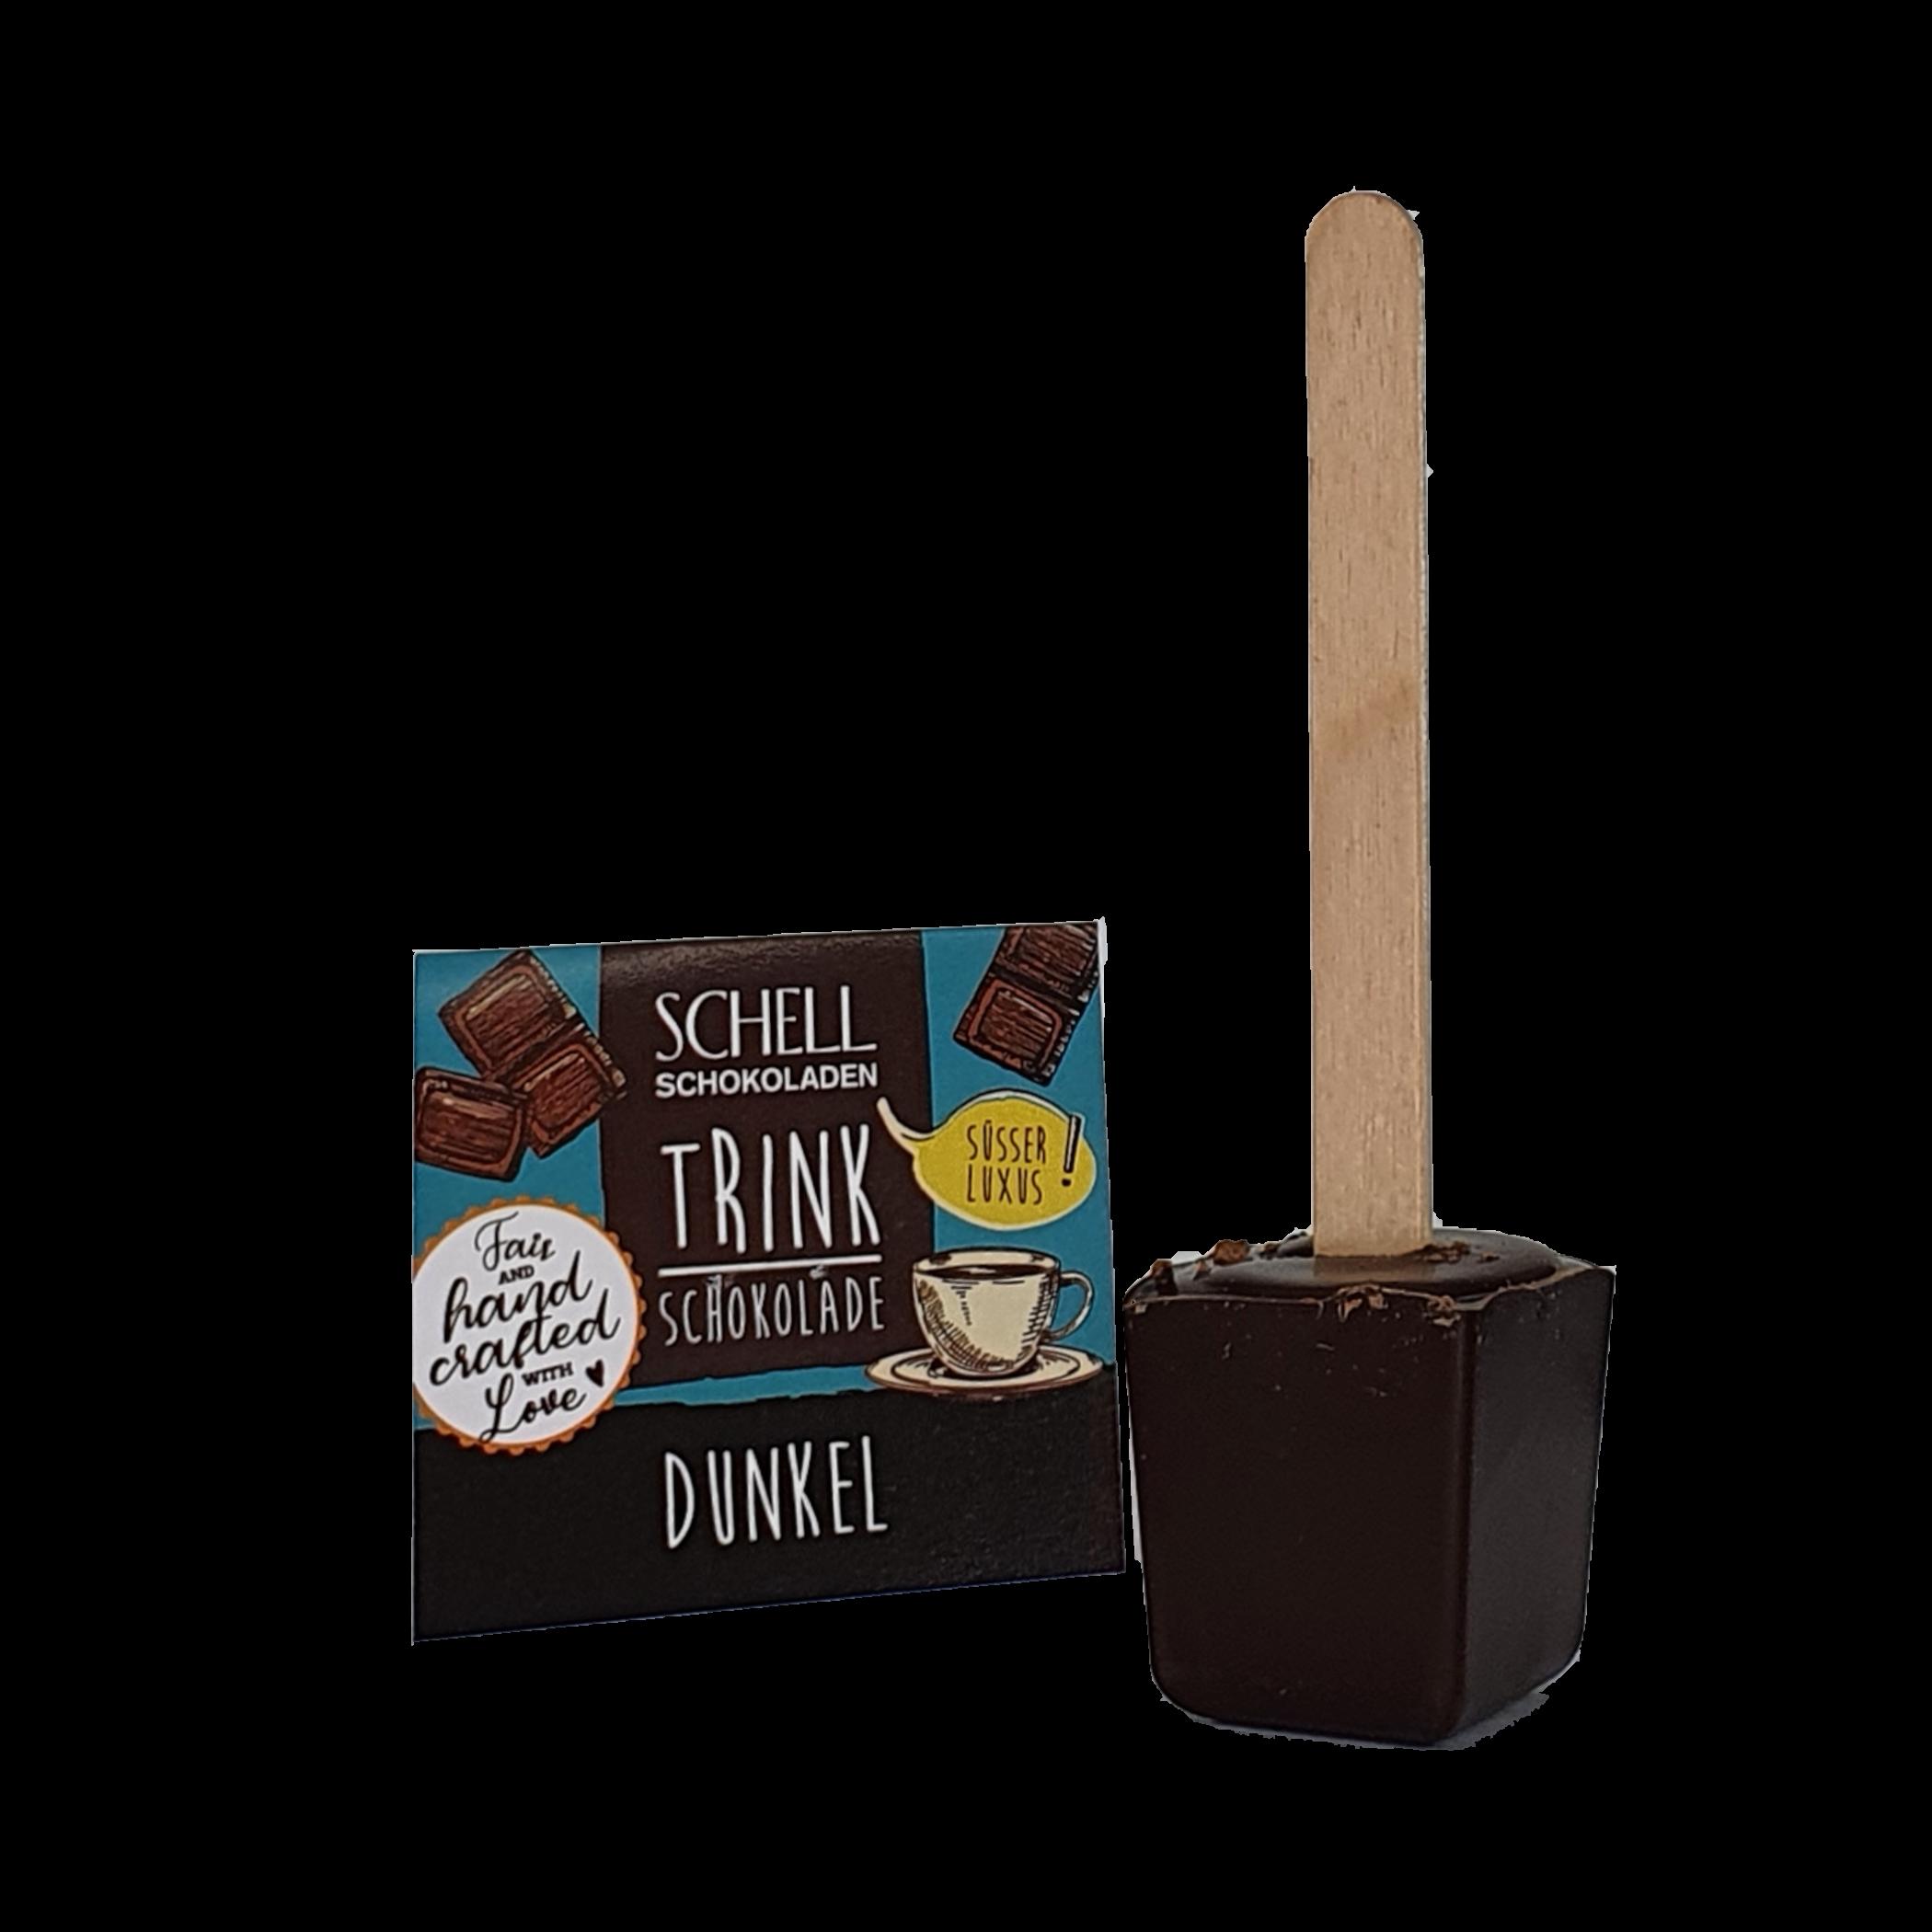 Trinkschokolade Dunkel